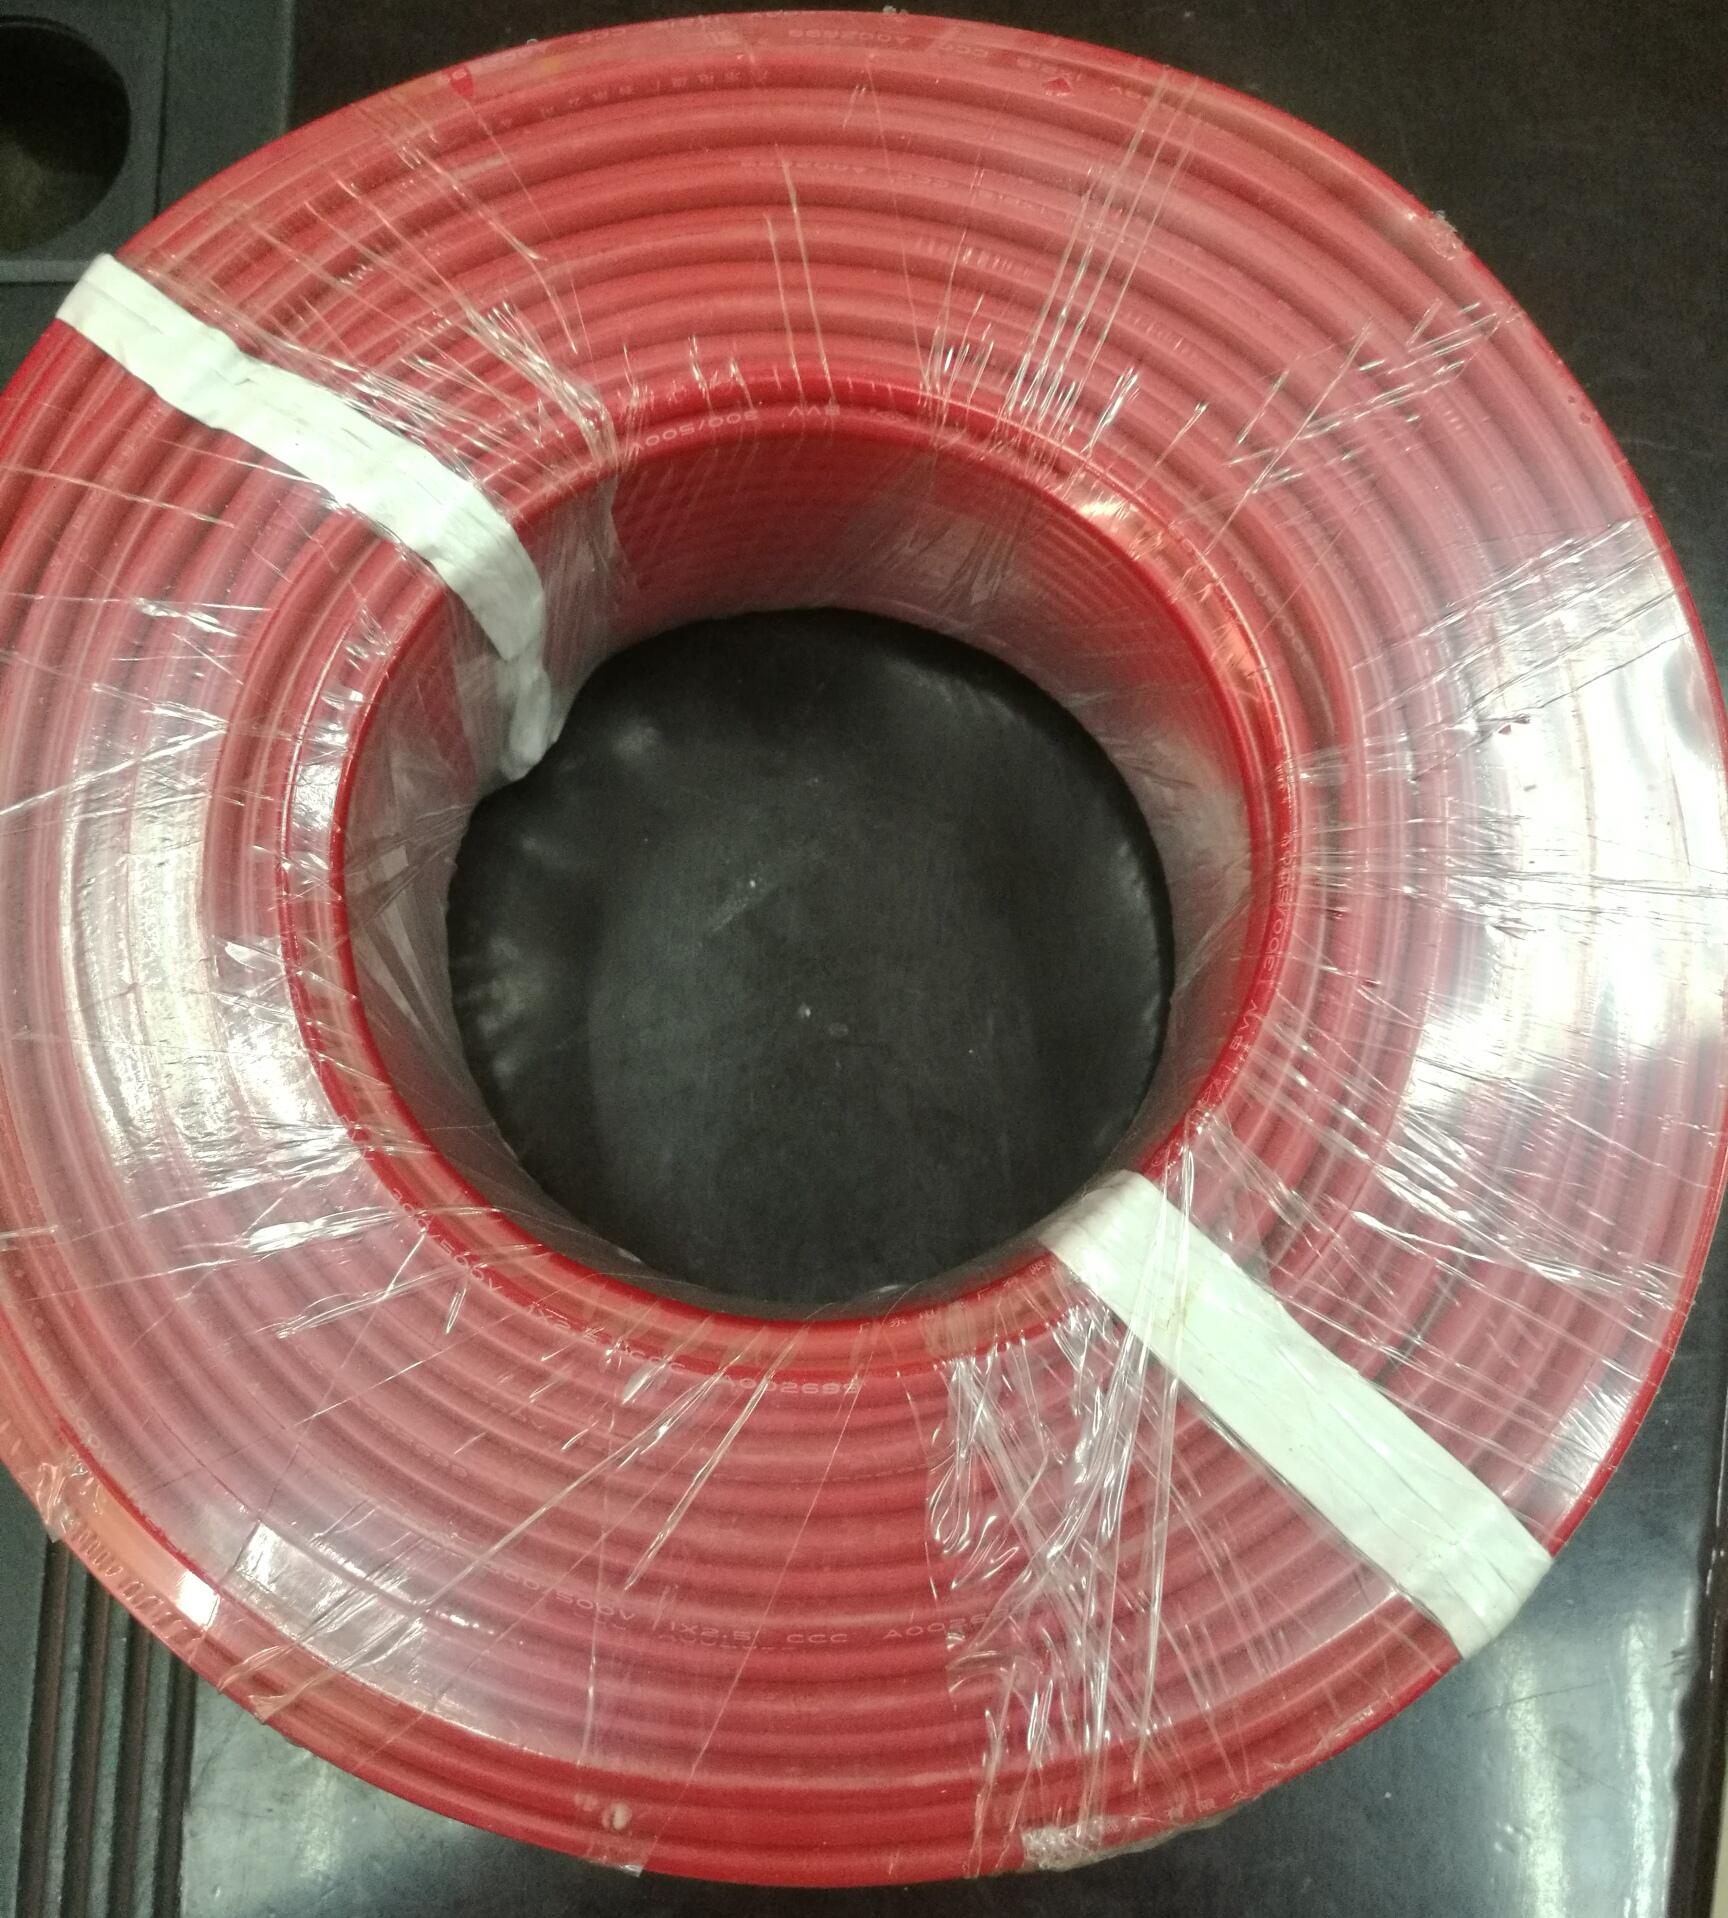 广东电缆厂AAA牌铜芯聚氯乙烯绝缘聚氯乙烯护套电线BVV2.5平方厂家直销 广东电缆厂,广东名牌电缆,国标电线电缆